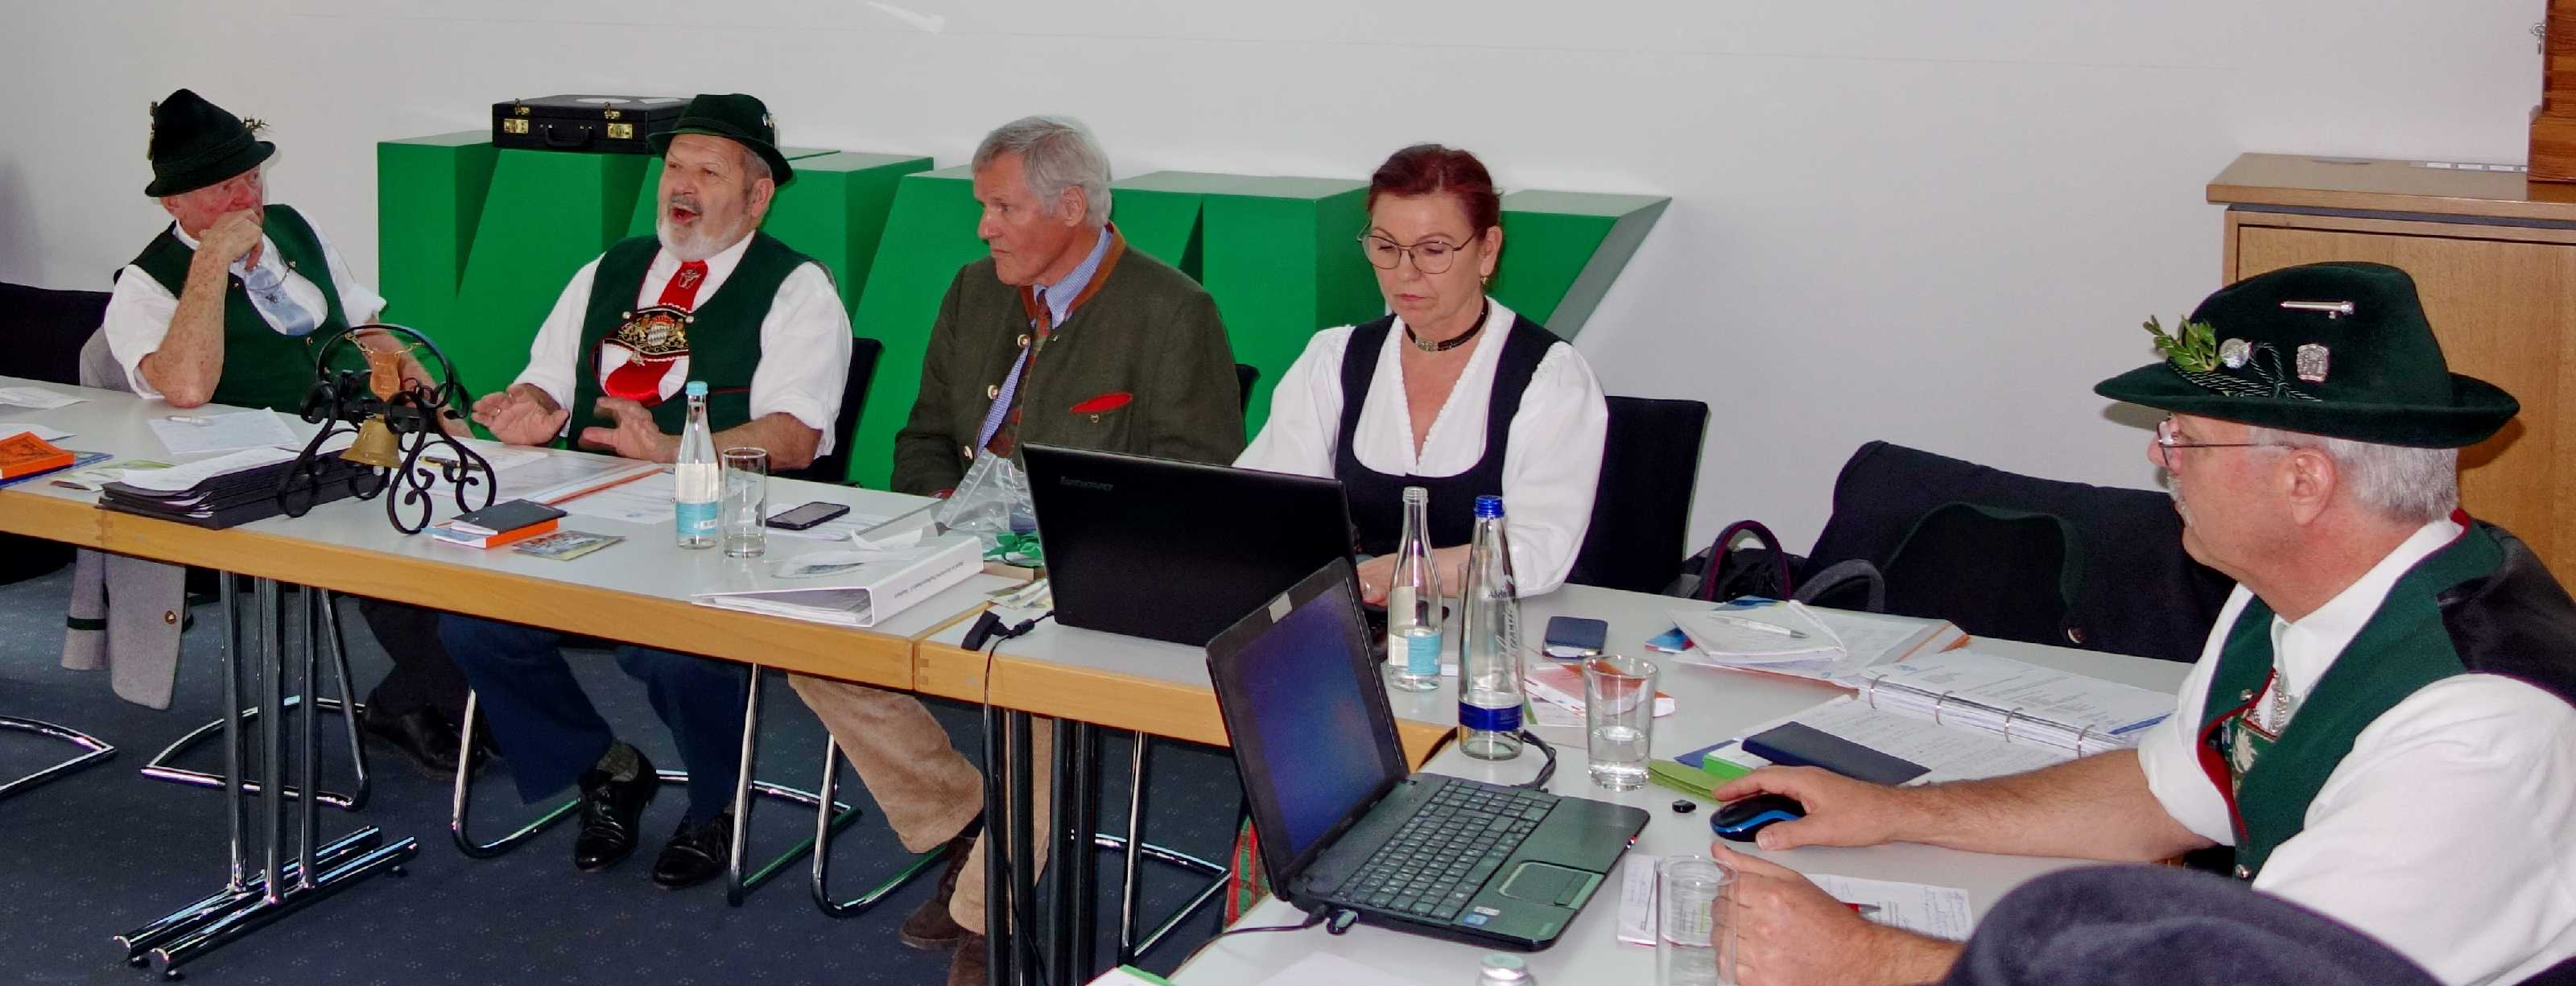 Tagungs-Dialog mit Landes-Schriftführerin Hildegard Hofmann